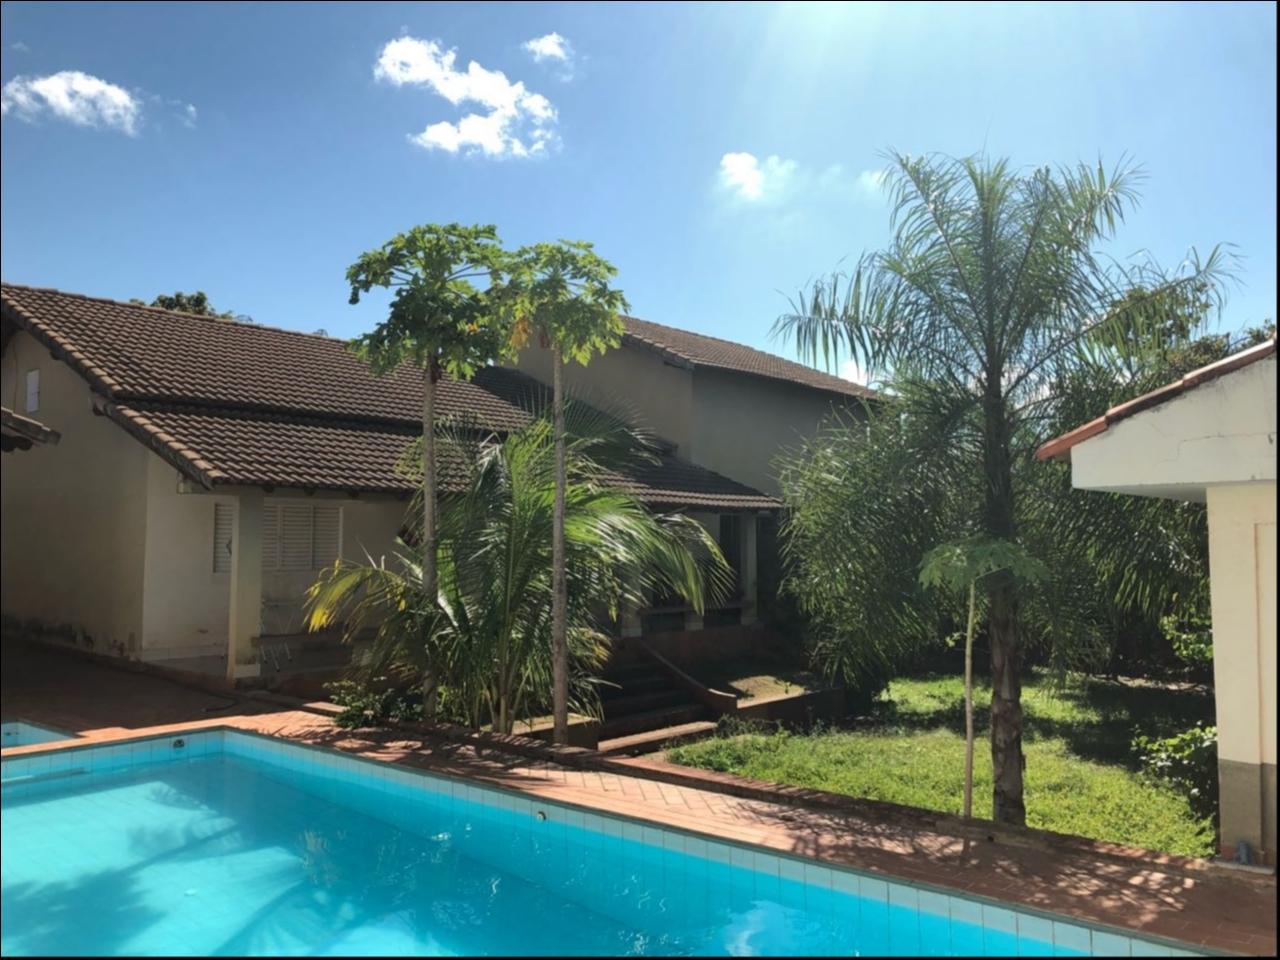 Casa à venda,  com 3 quartos sendo 2 suites no RESIDENCIAL DOM BOSCO em Cuiabá MT 101 11323